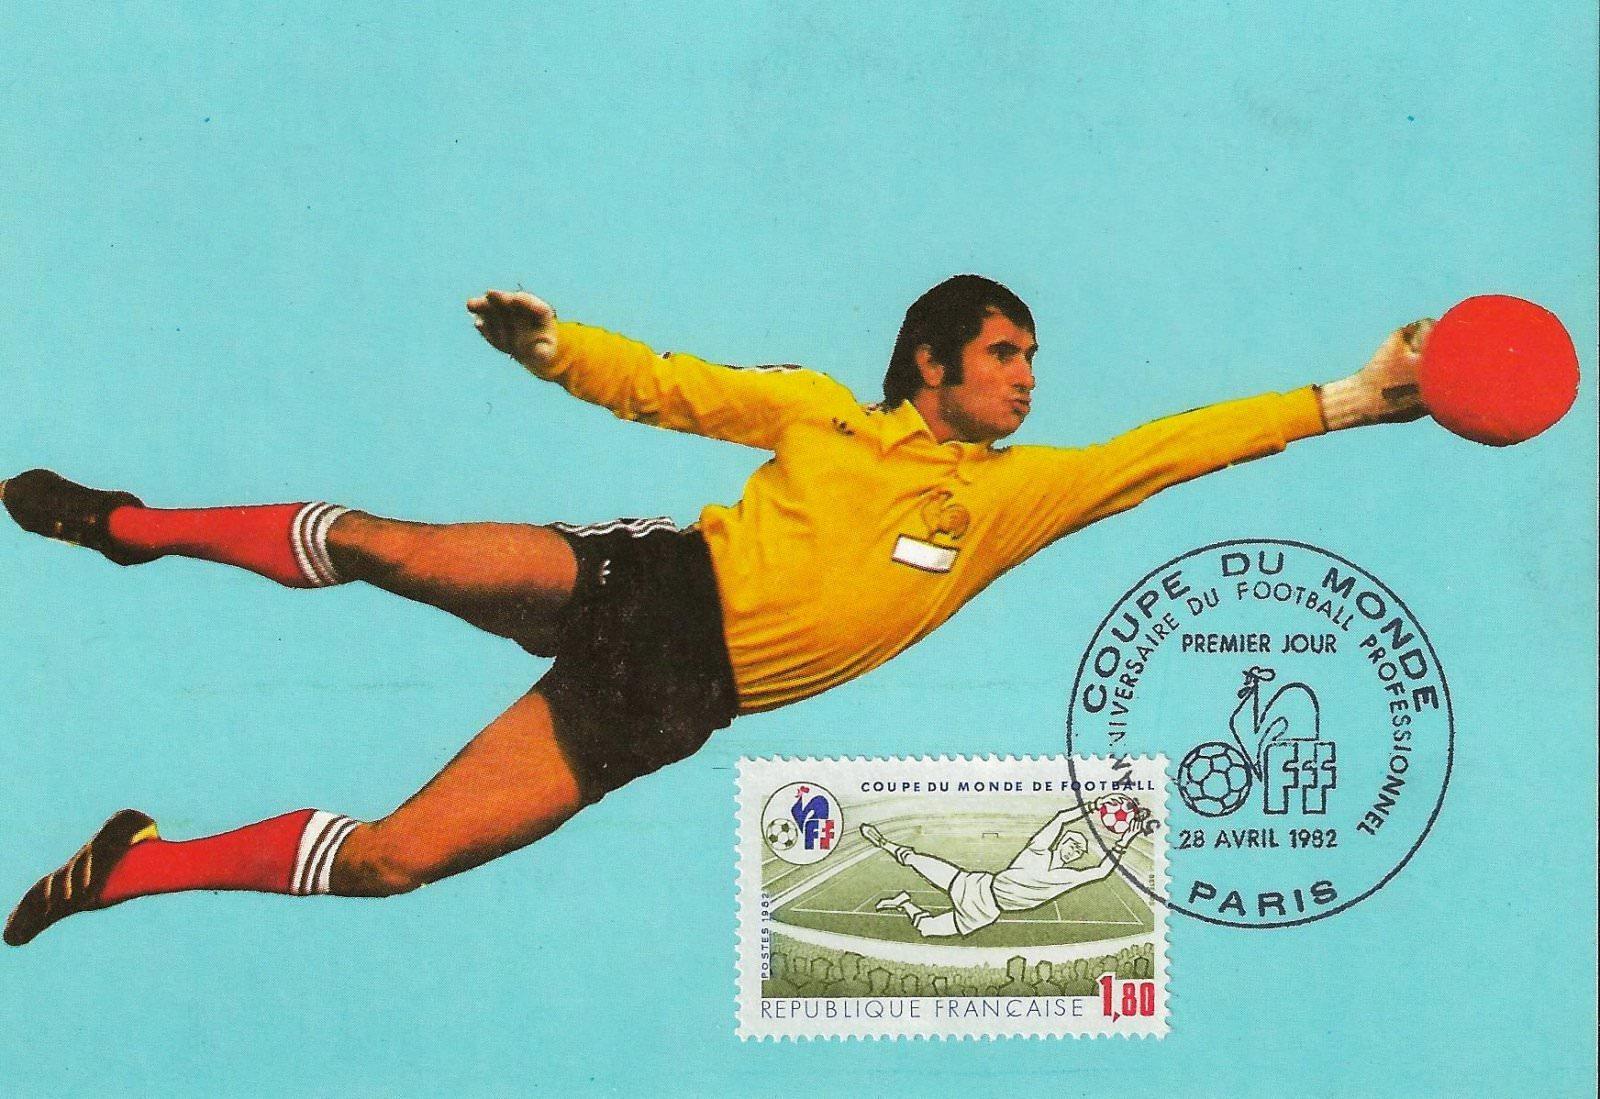 Carte maximum 1982 coupe du monde de football paris cartes maximum sport philatema - Coupe du monde de foot 1982 ...